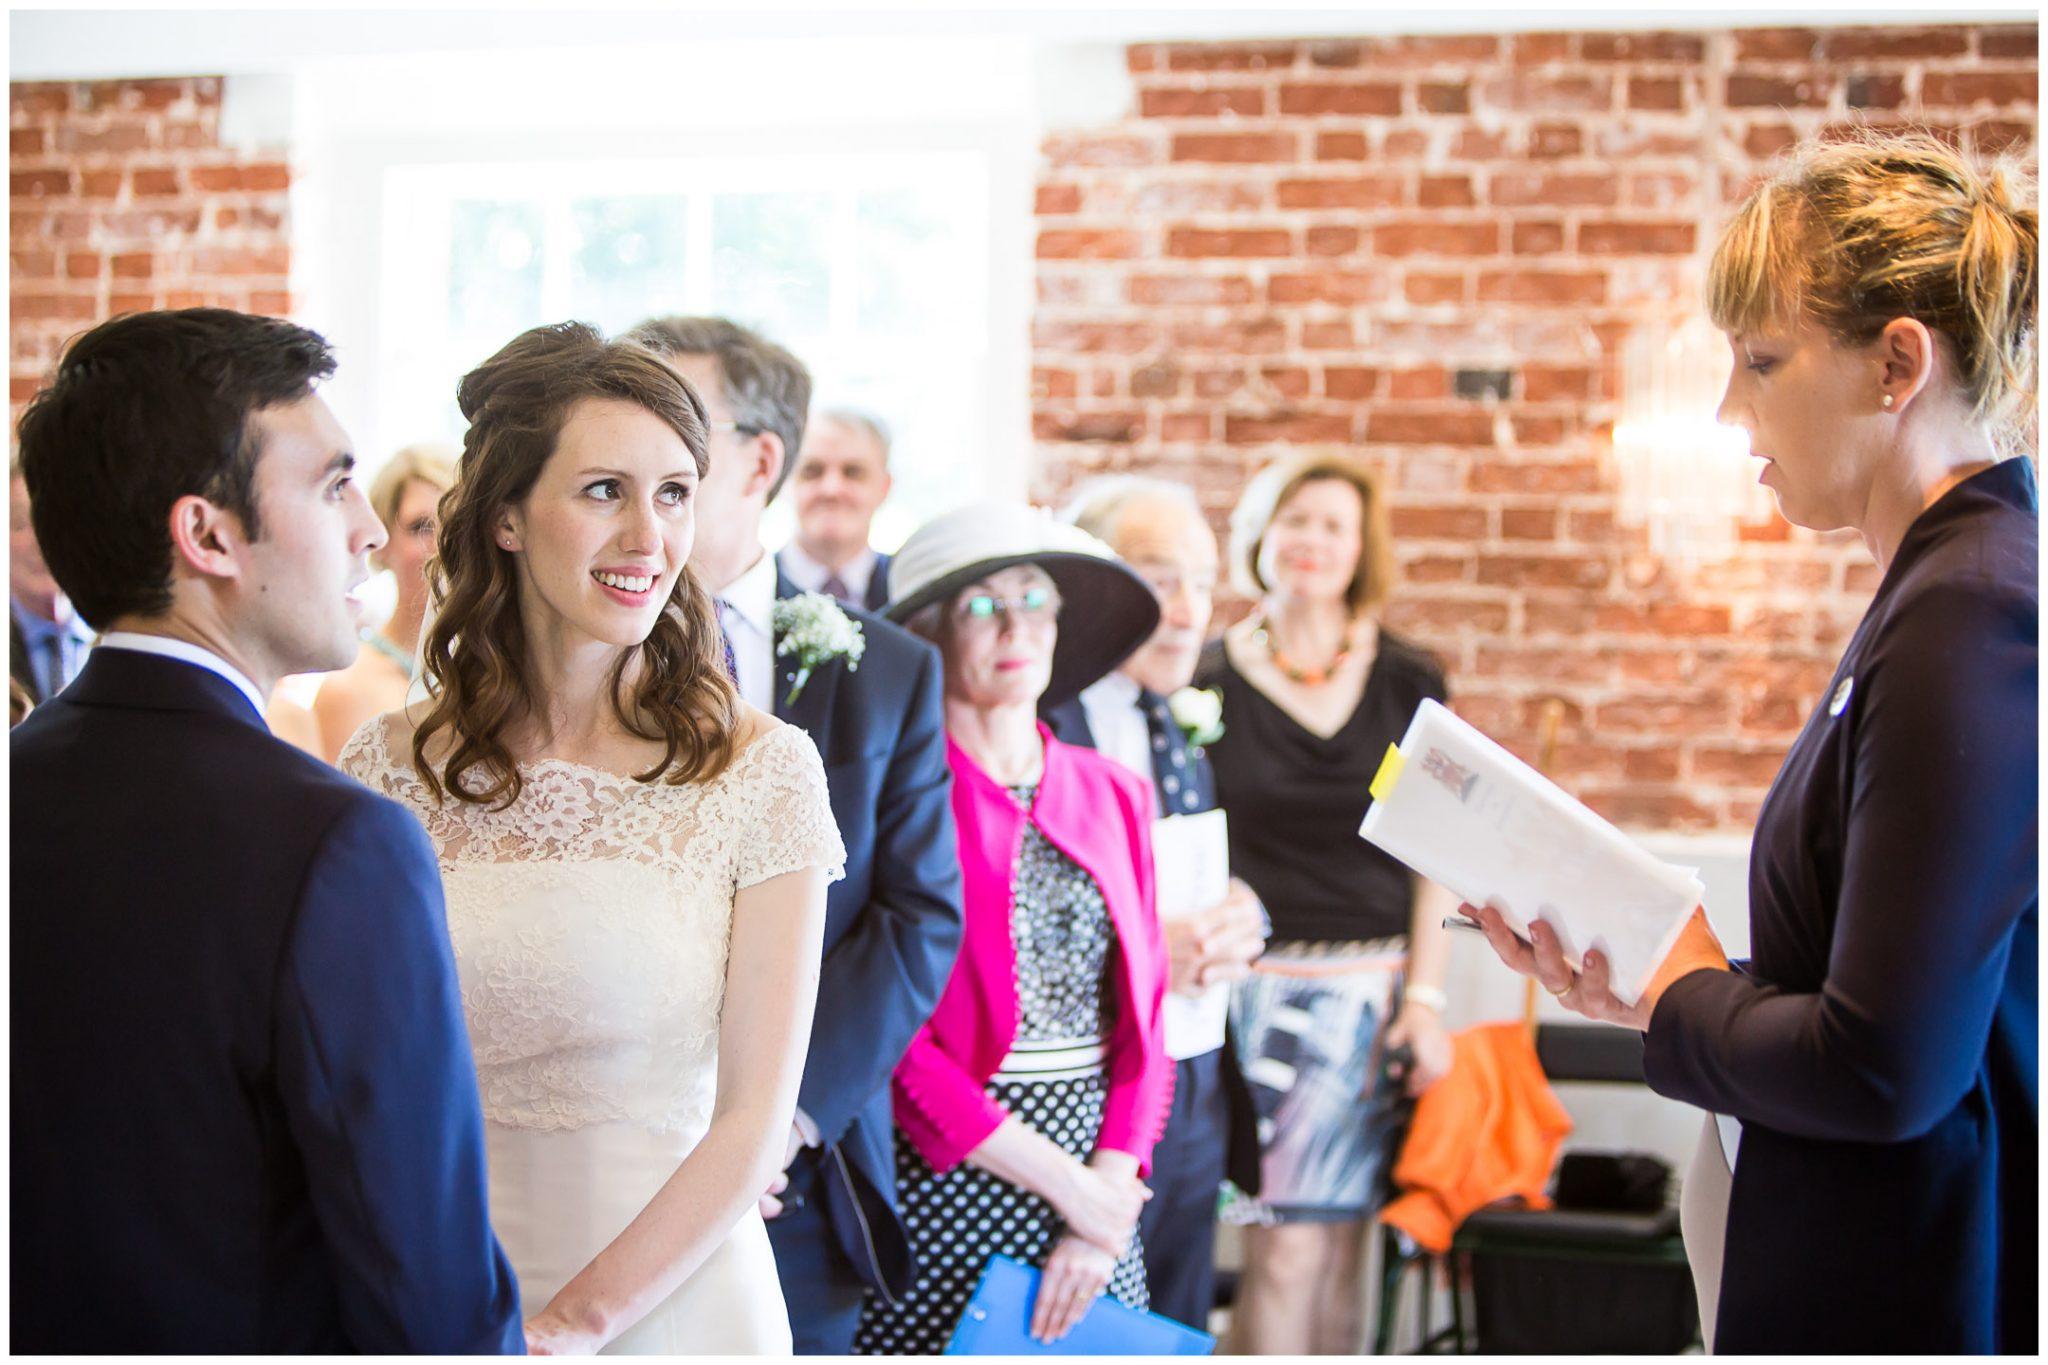 Sopley Mill Summer wedding bride, groom and registrar